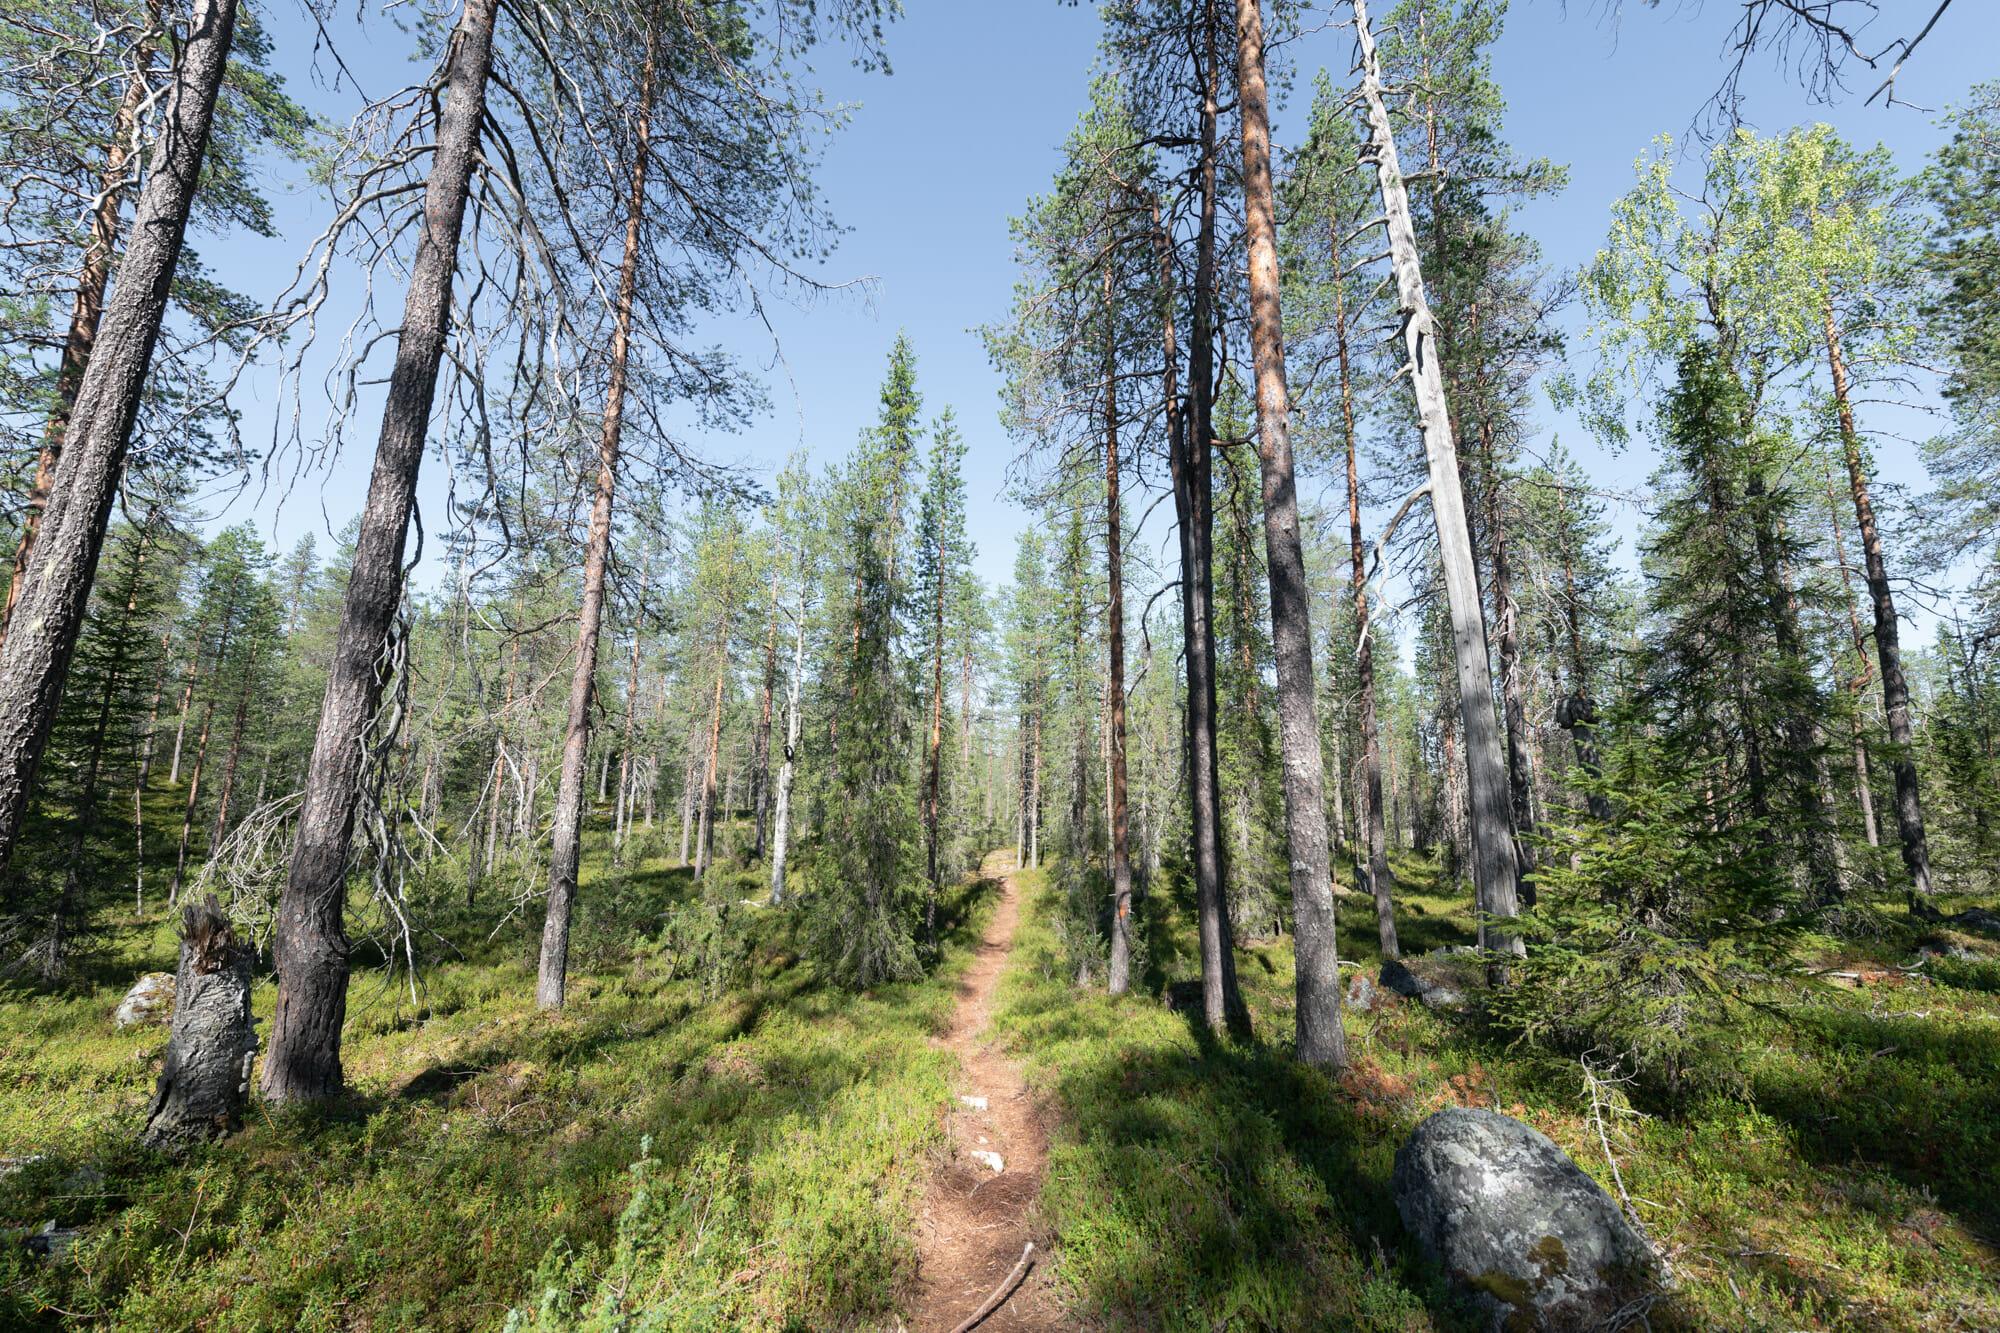 Forêt dans le parc national de Hossa en Laponie finlandaise